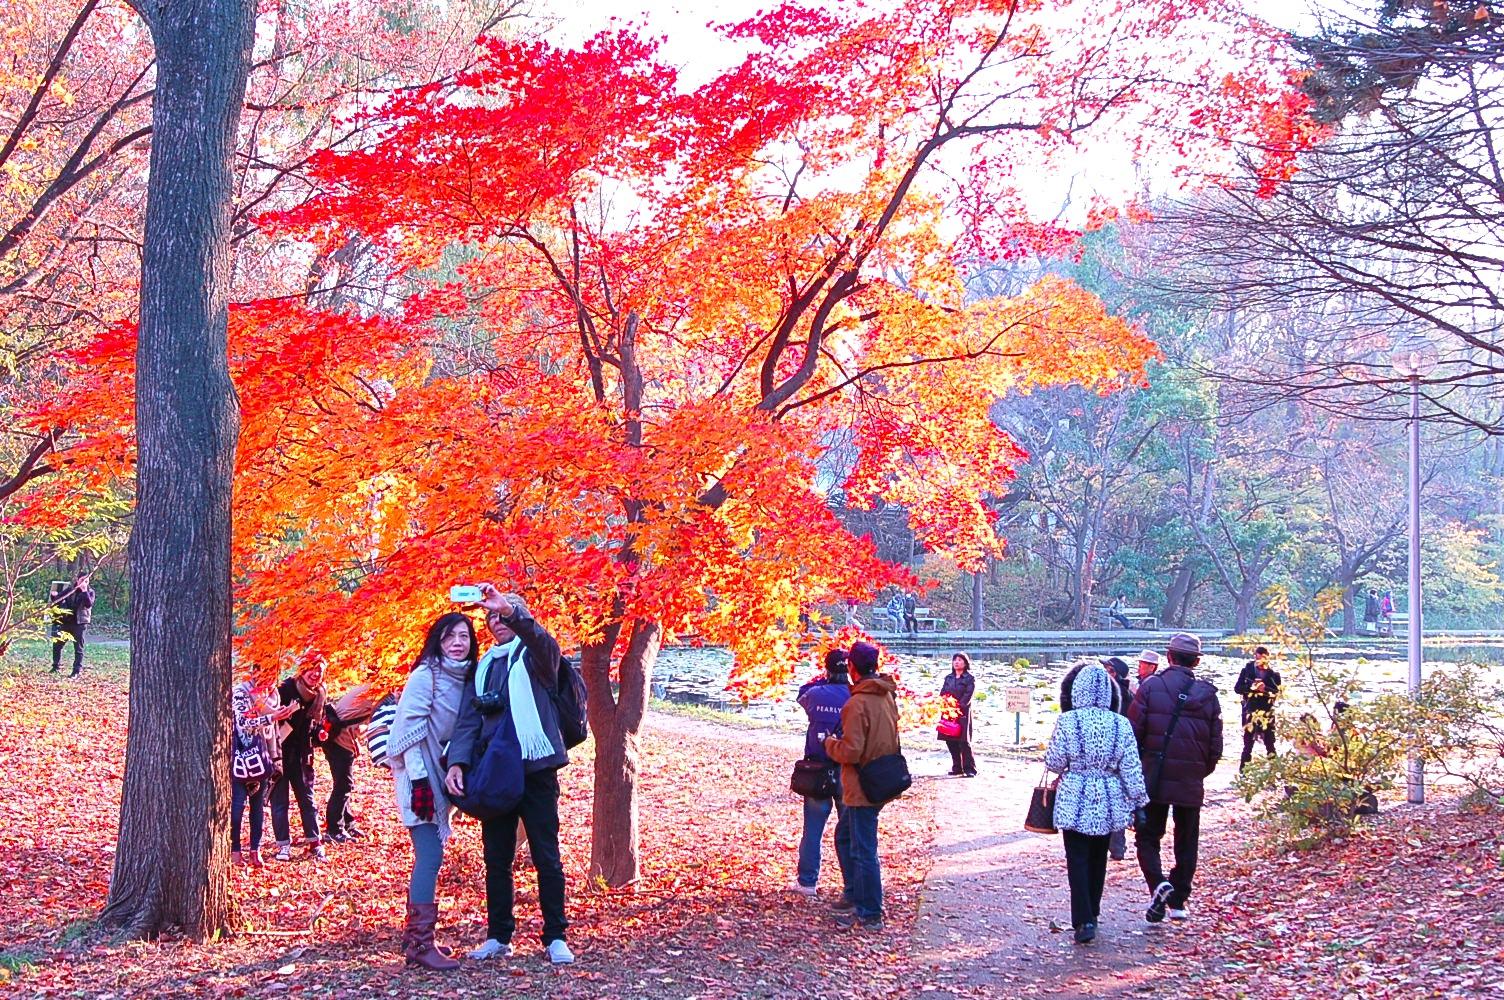 黄金に輝くアーチの下を散策〜北大のイチョウ並木が色づいています!